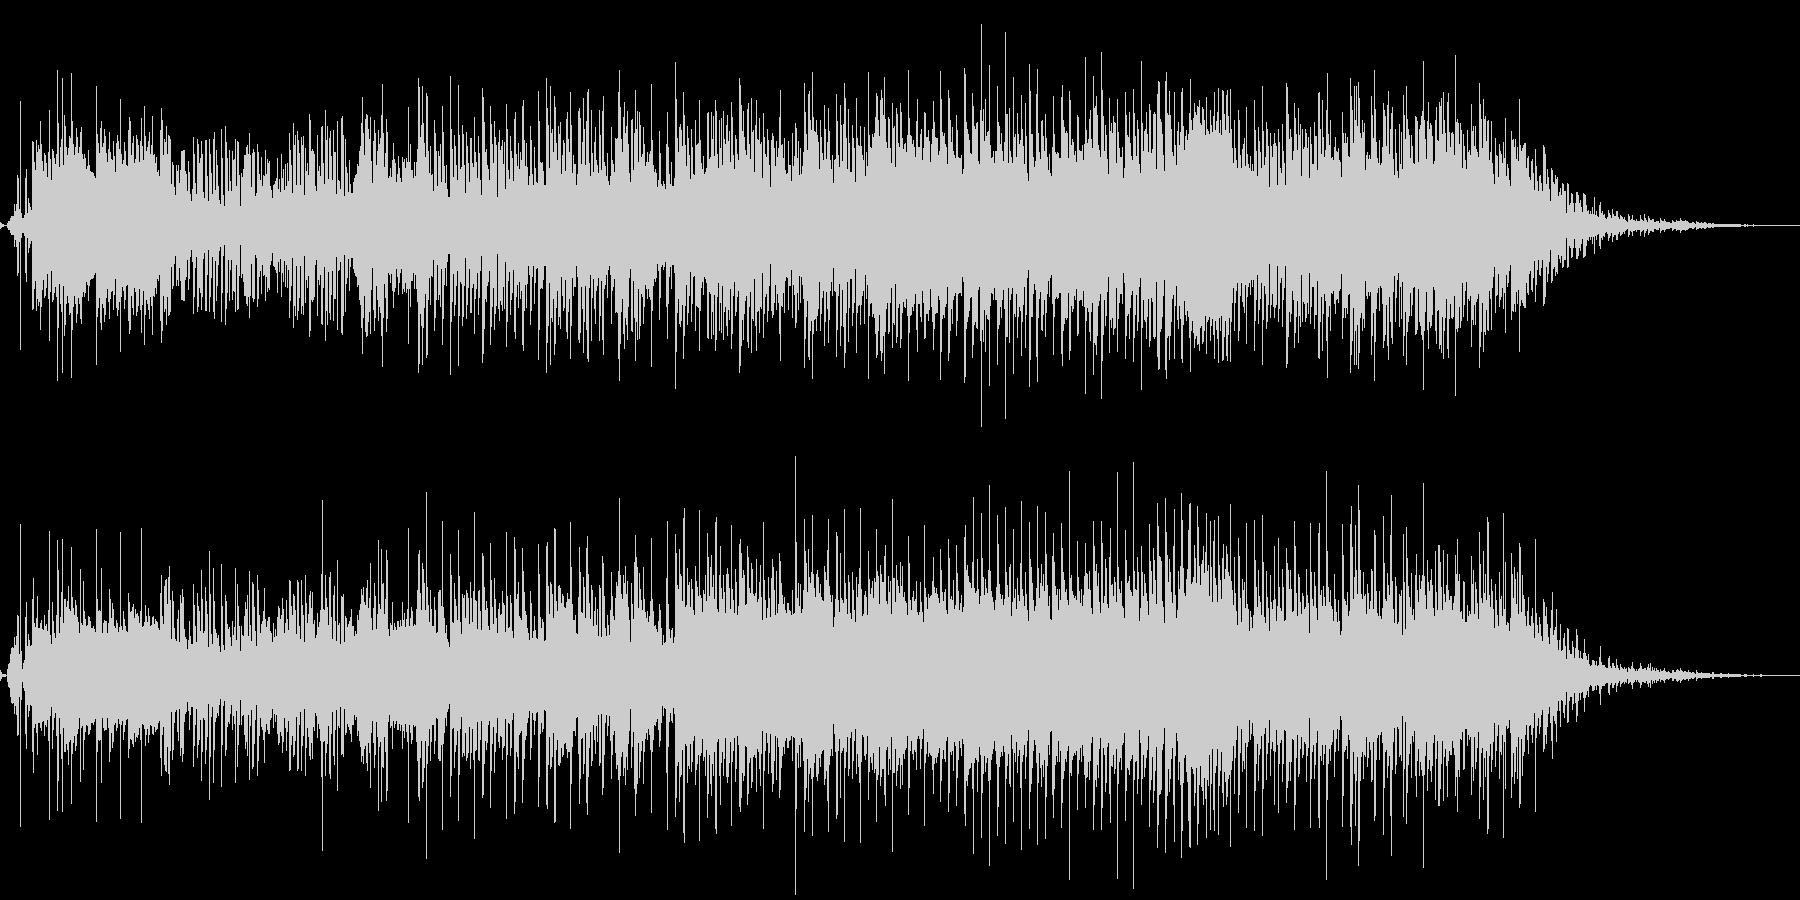 生音アリ-かわいらしくブキミなハロウィンの未再生の波形